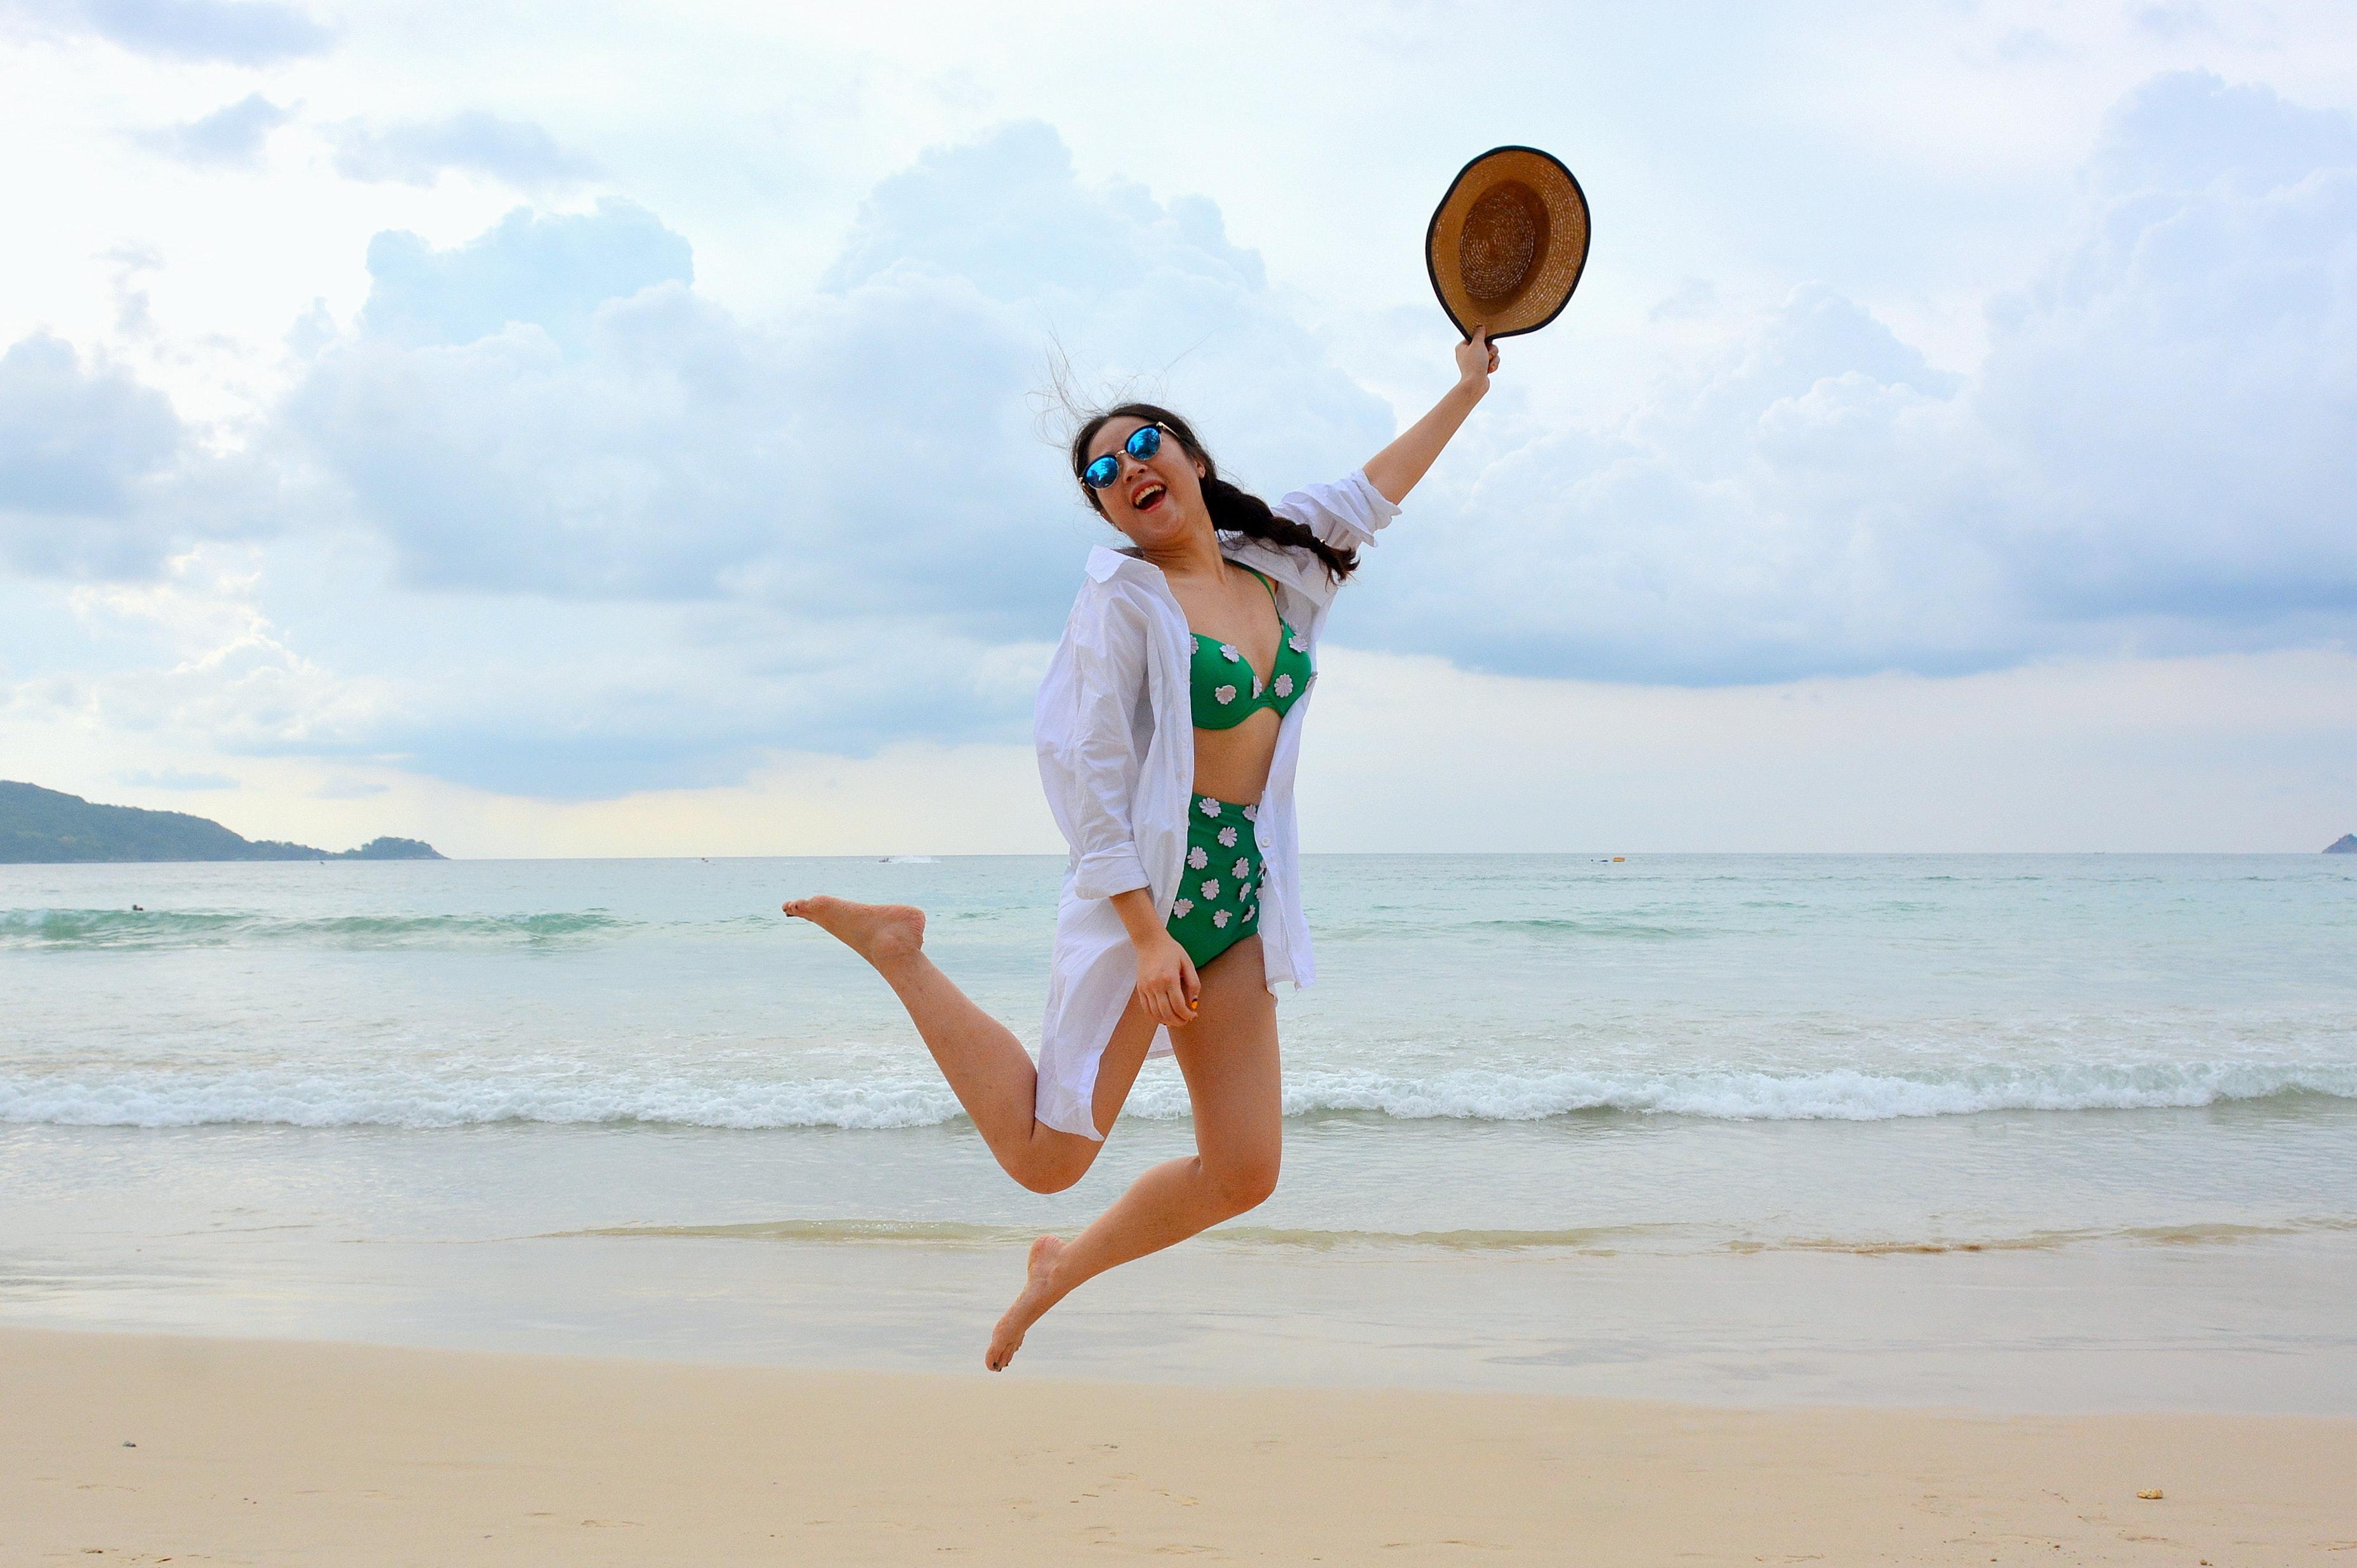 melhores produtos para revender moda praia